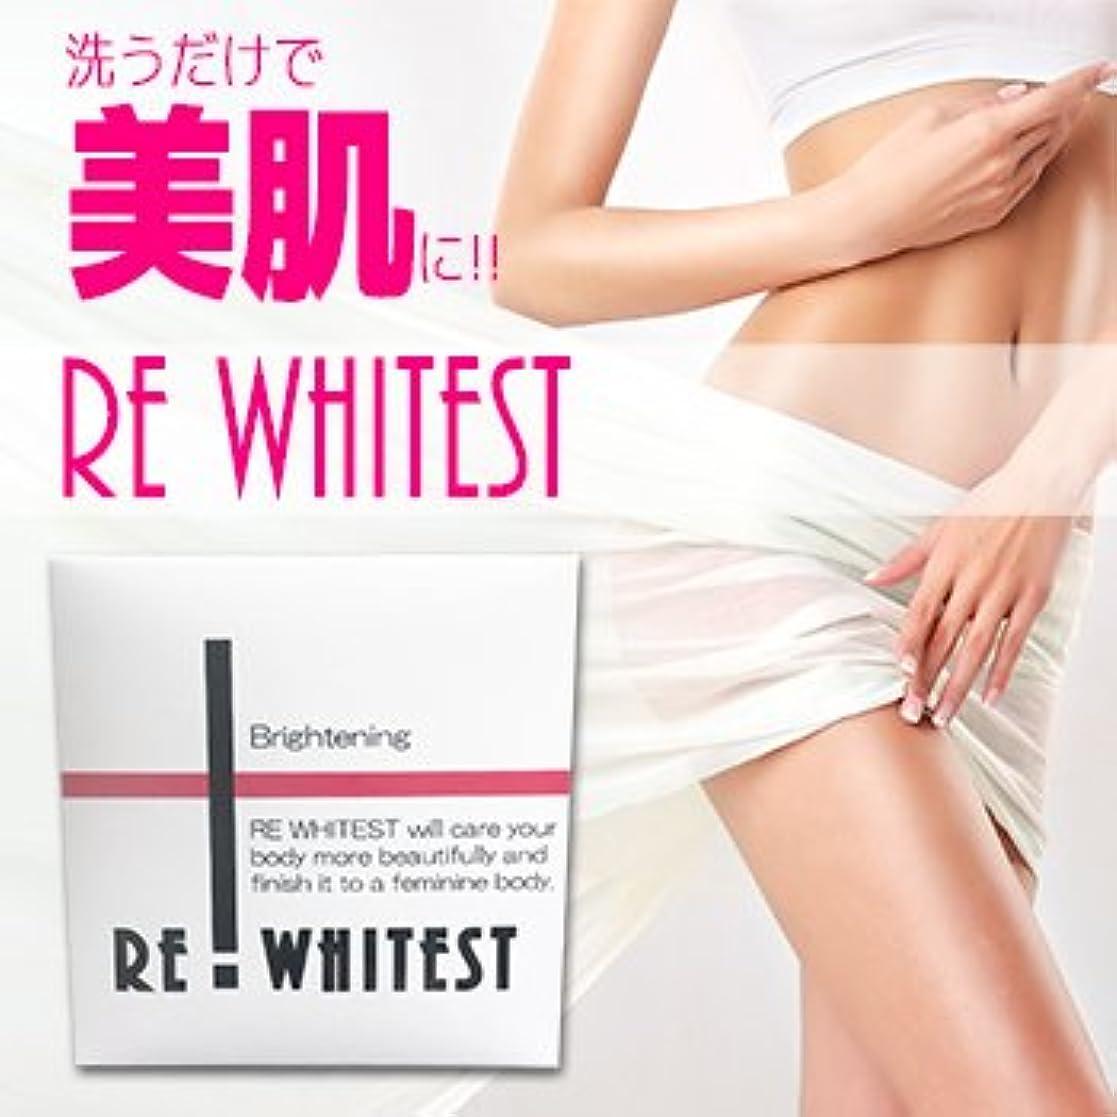 突然の立ち寄るメダリストパパイン+イソフラボン配合女性用美肌石鹸 REWHITEST-リホワイテスト-